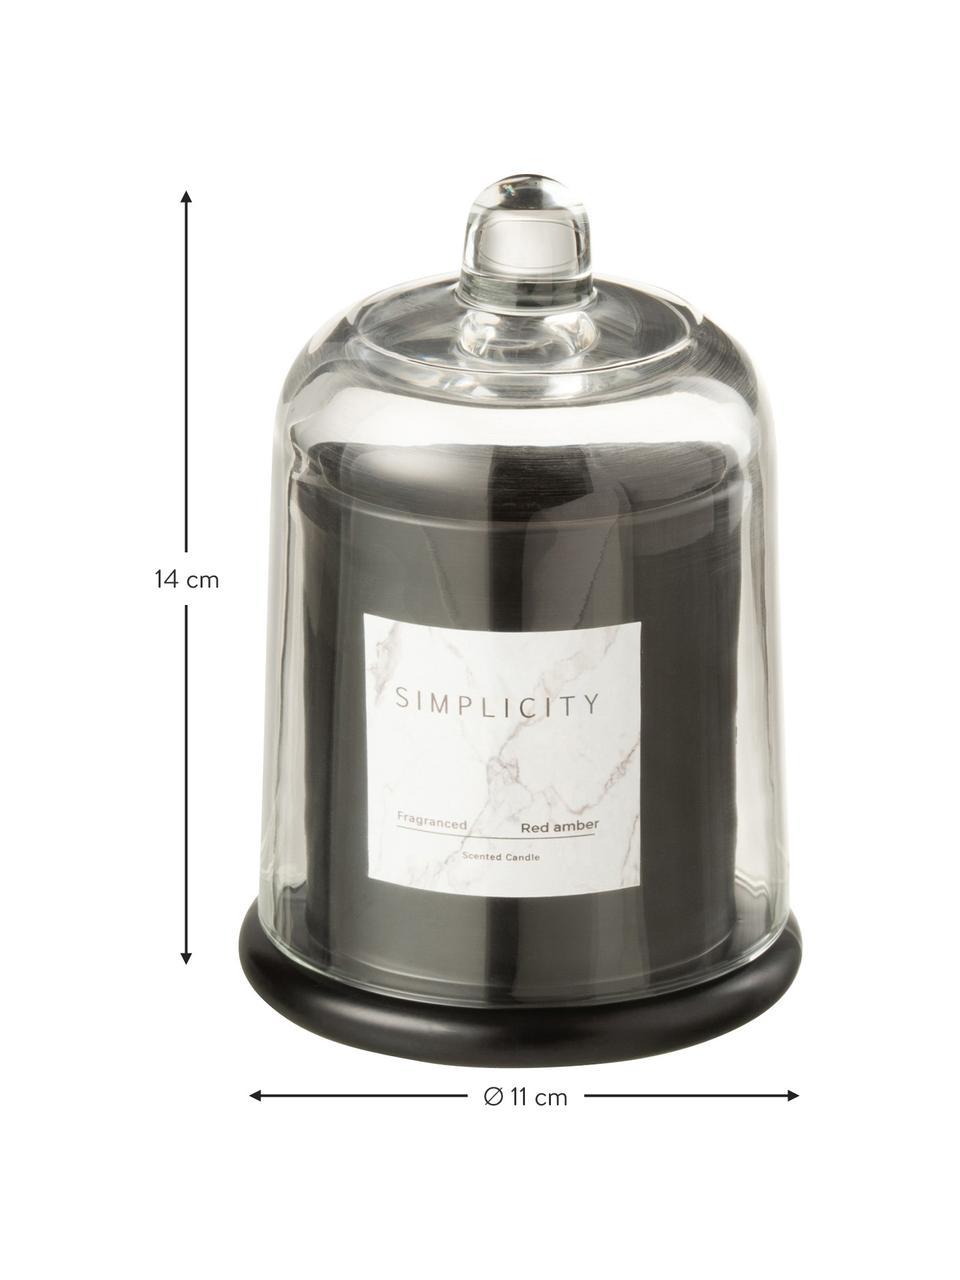 Duftkerze Simplicity mit Glasglocke (Ambra), Behälter: Glas, Schwarz, Ø 11 x H 14 cm